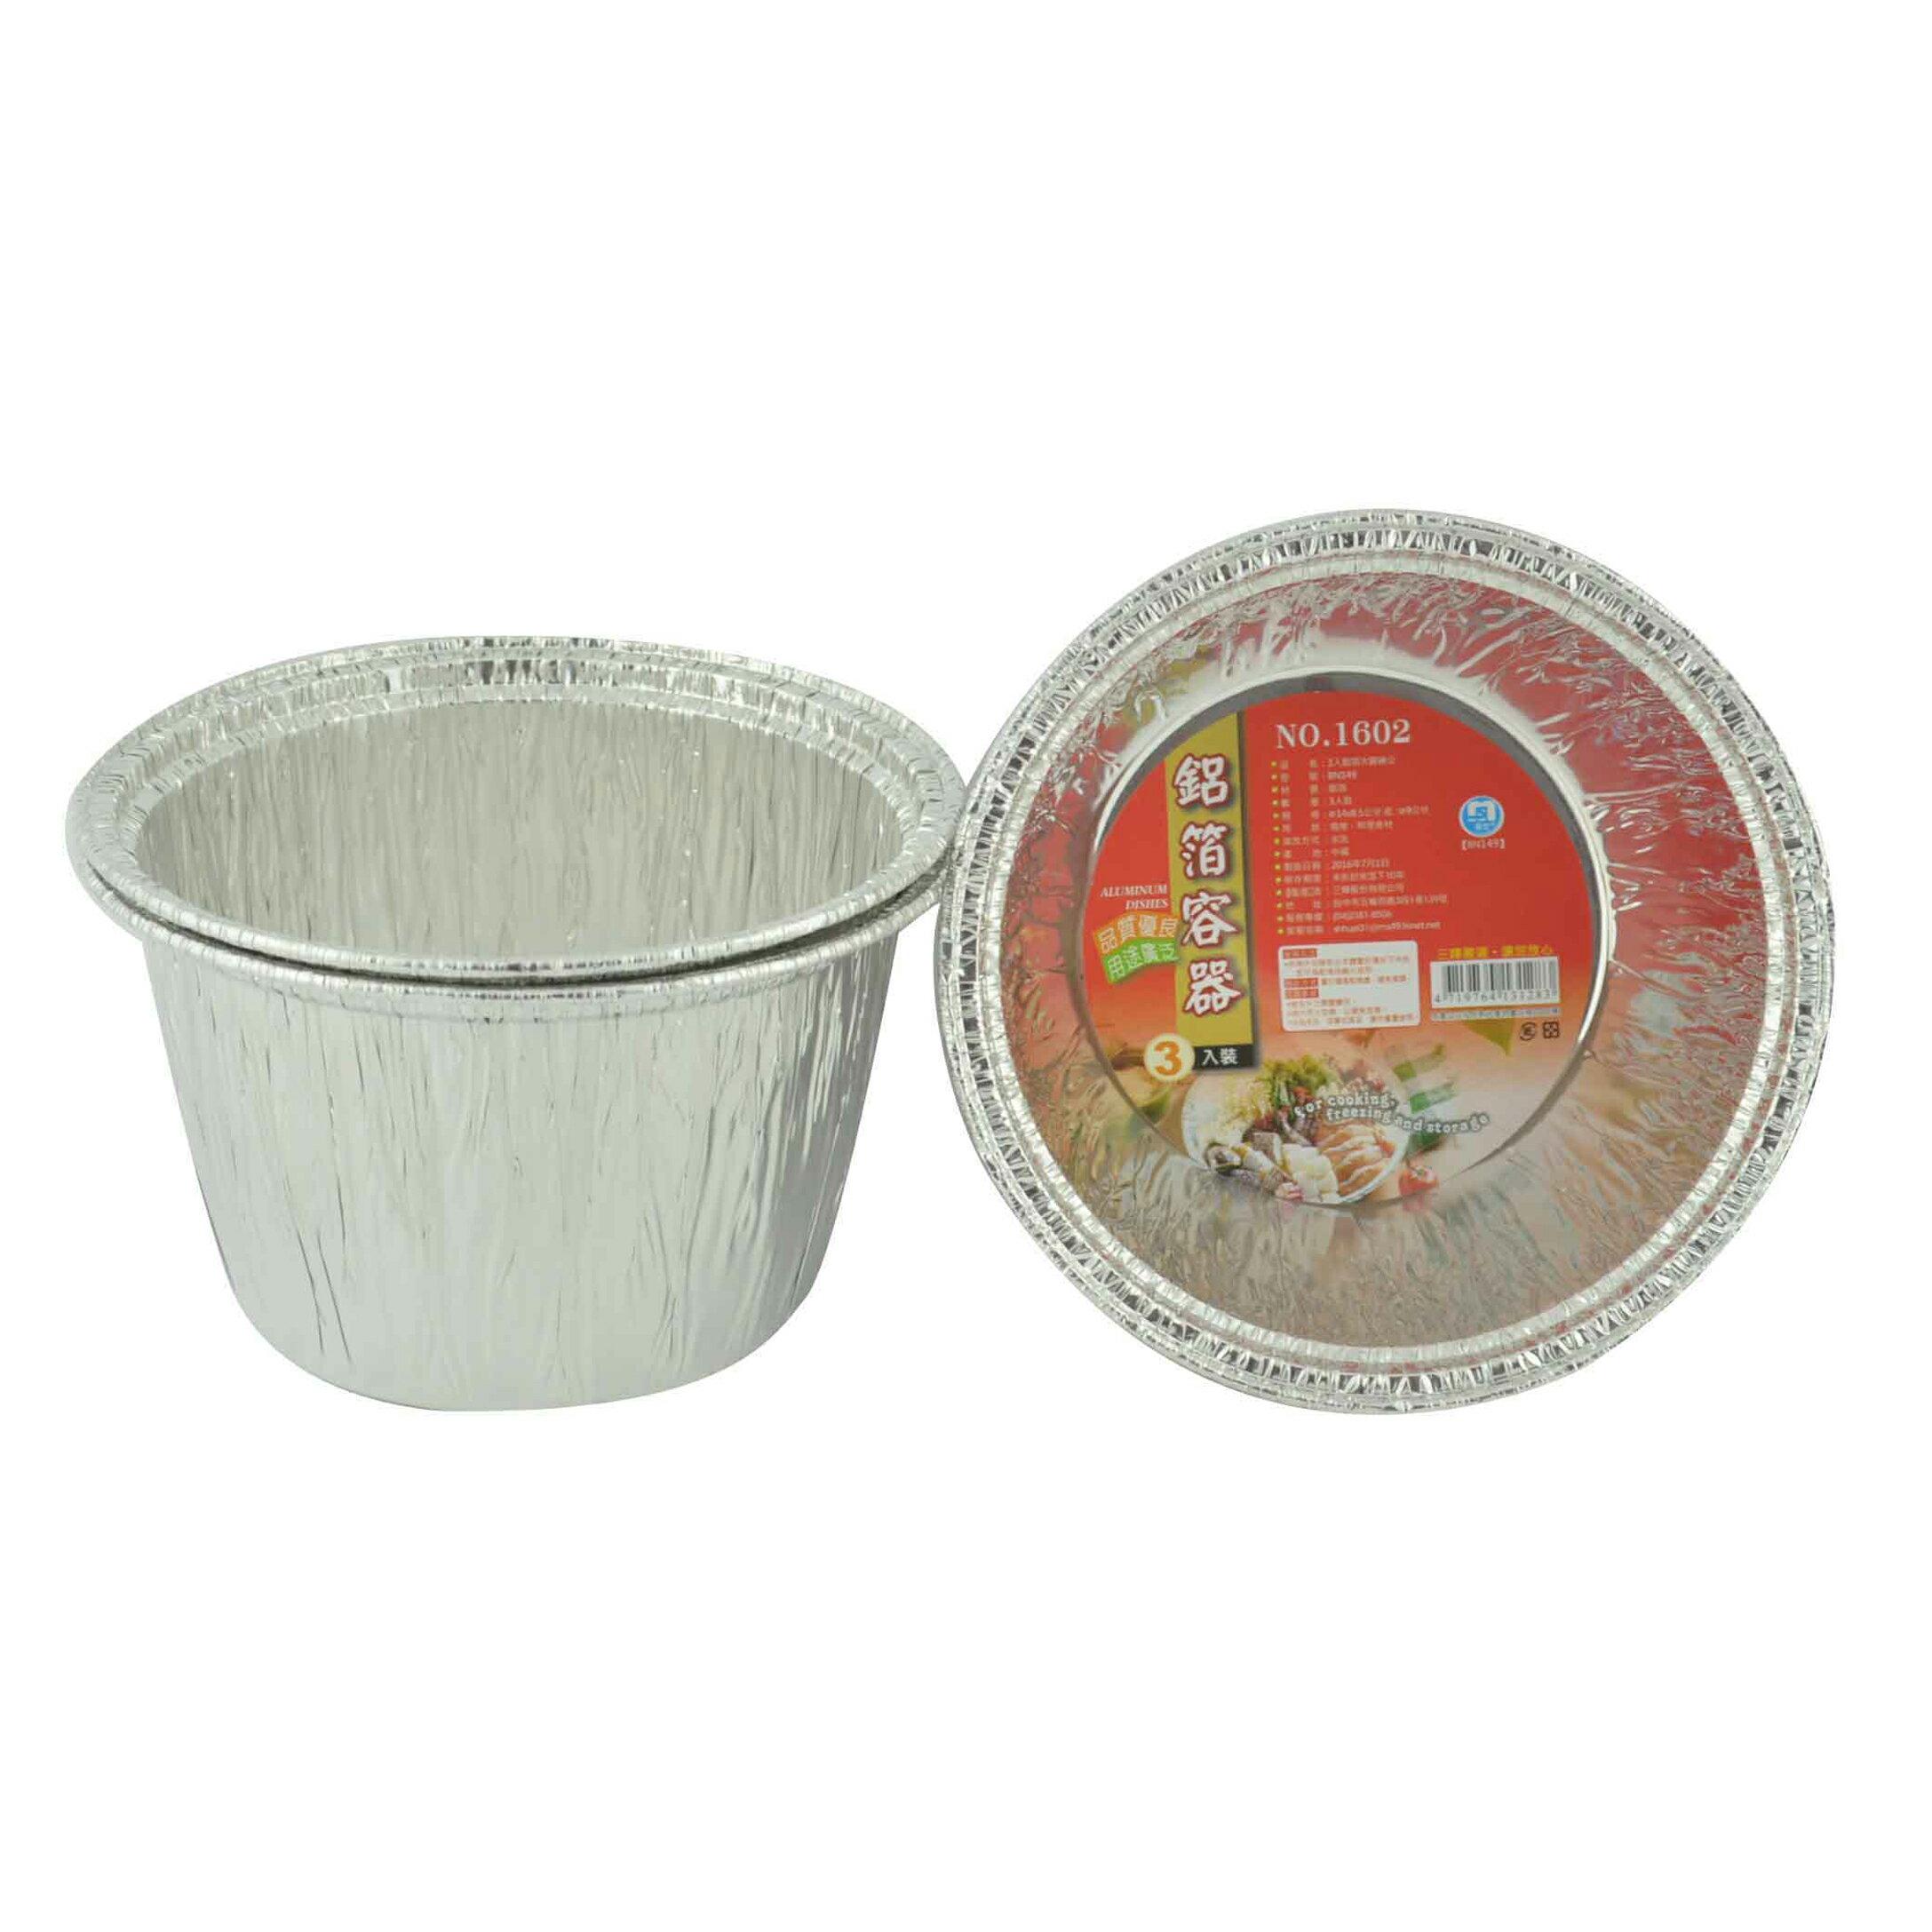 3入鋁箔圓盤NO.1602 鋁箔容器 免洗餐具 鋁盒 鋁箔盒 鋁箔碗 焗烤盒 烤肉鋁箔盒 錫紙盒 燒烤 烘焙盒 外帶打包盒